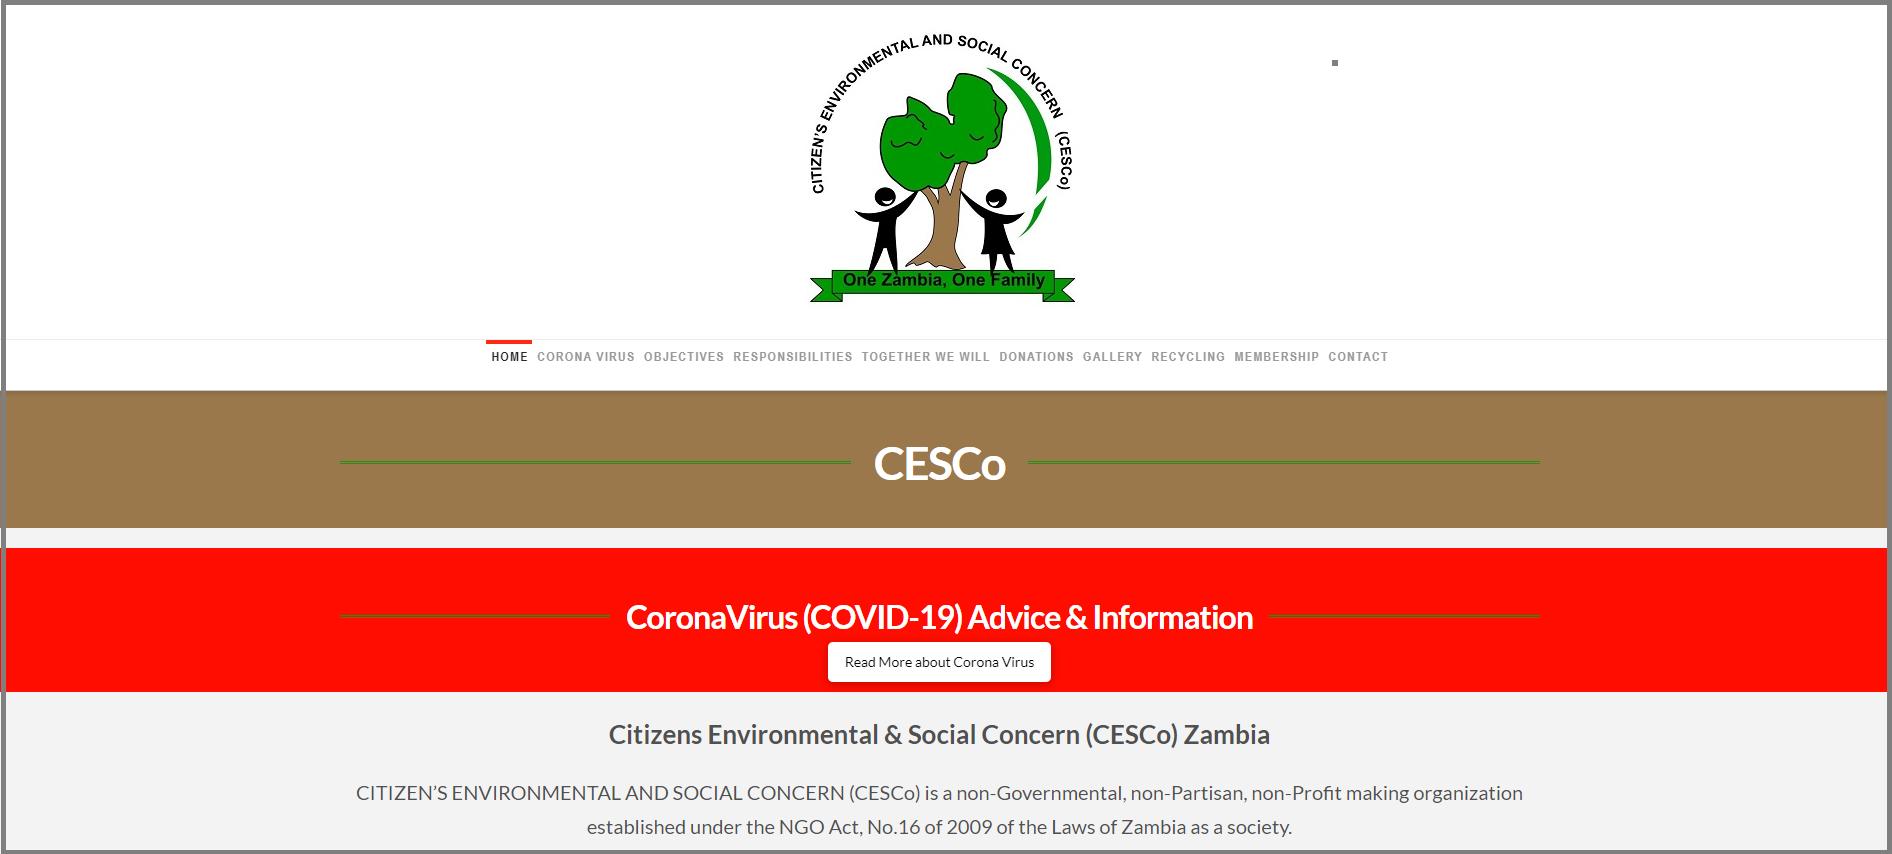 CESCo Zambia NGO Website By T900 Website Design in Surrey